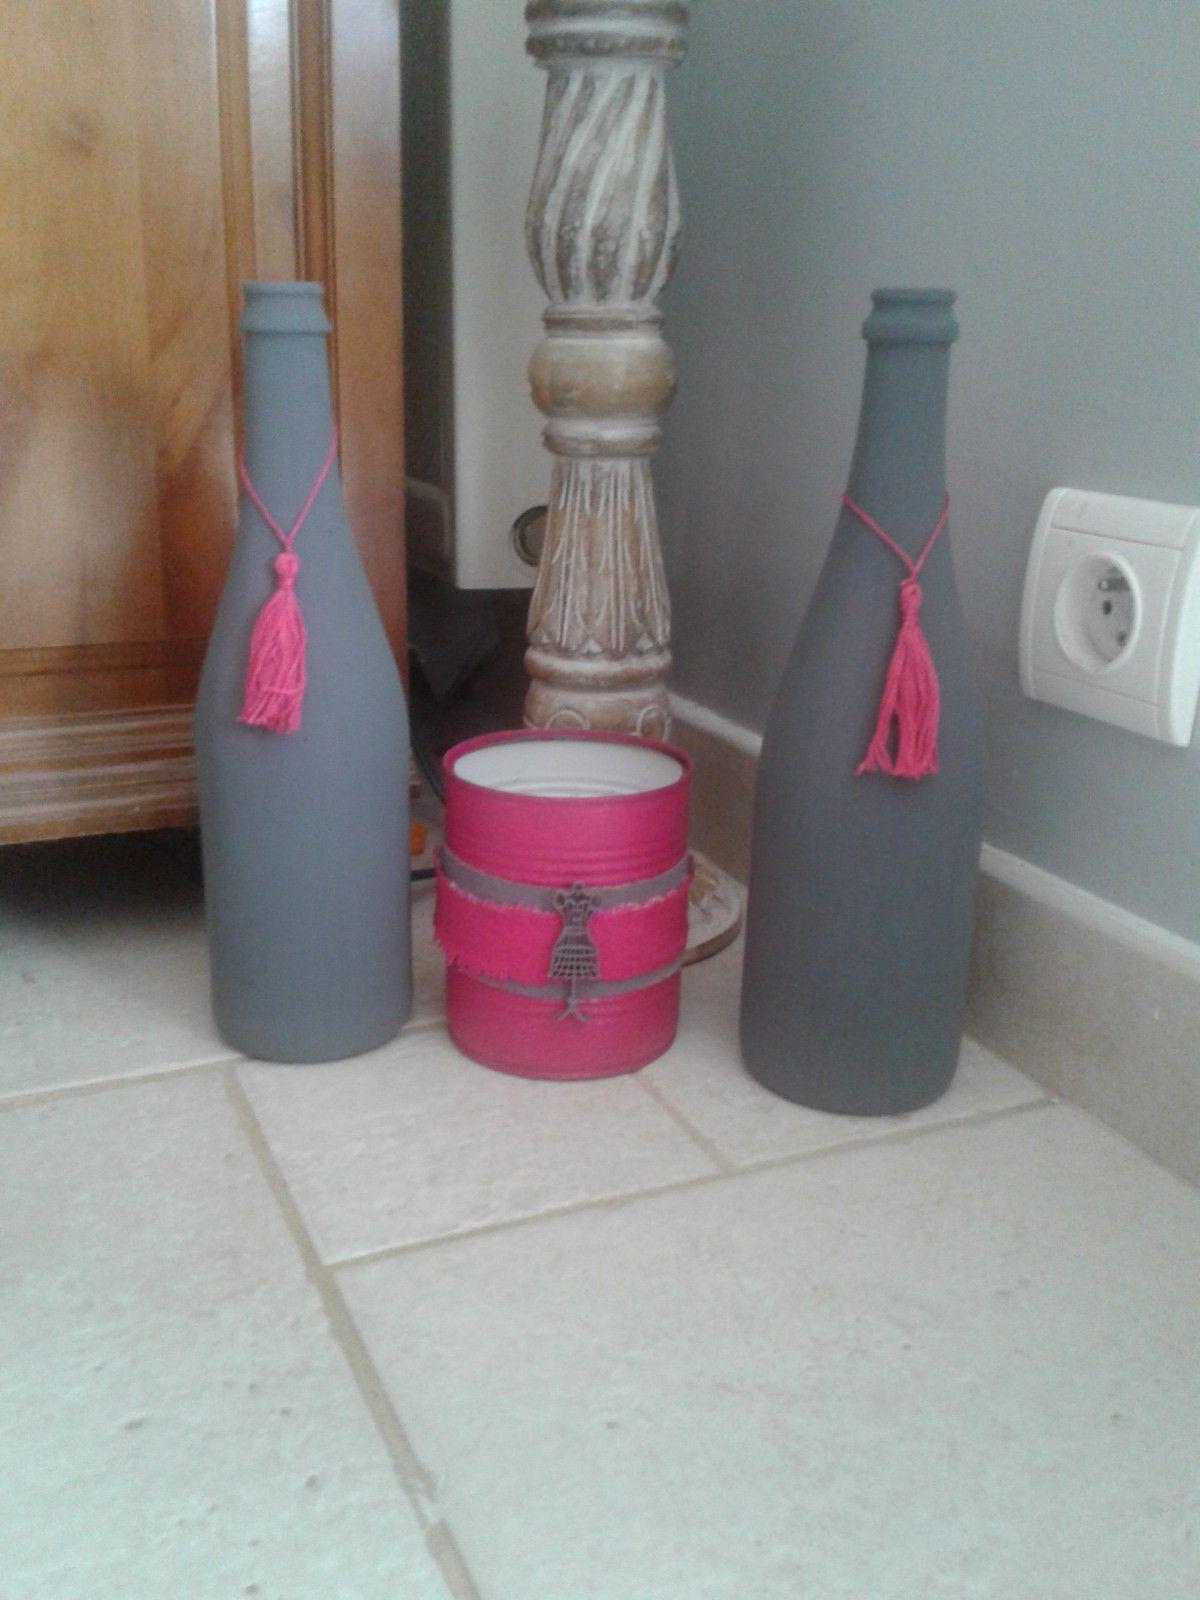 bouteilles peintes avec une peinture sp ciale craie et une boite de conserve relook e d co. Black Bedroom Furniture Sets. Home Design Ideas